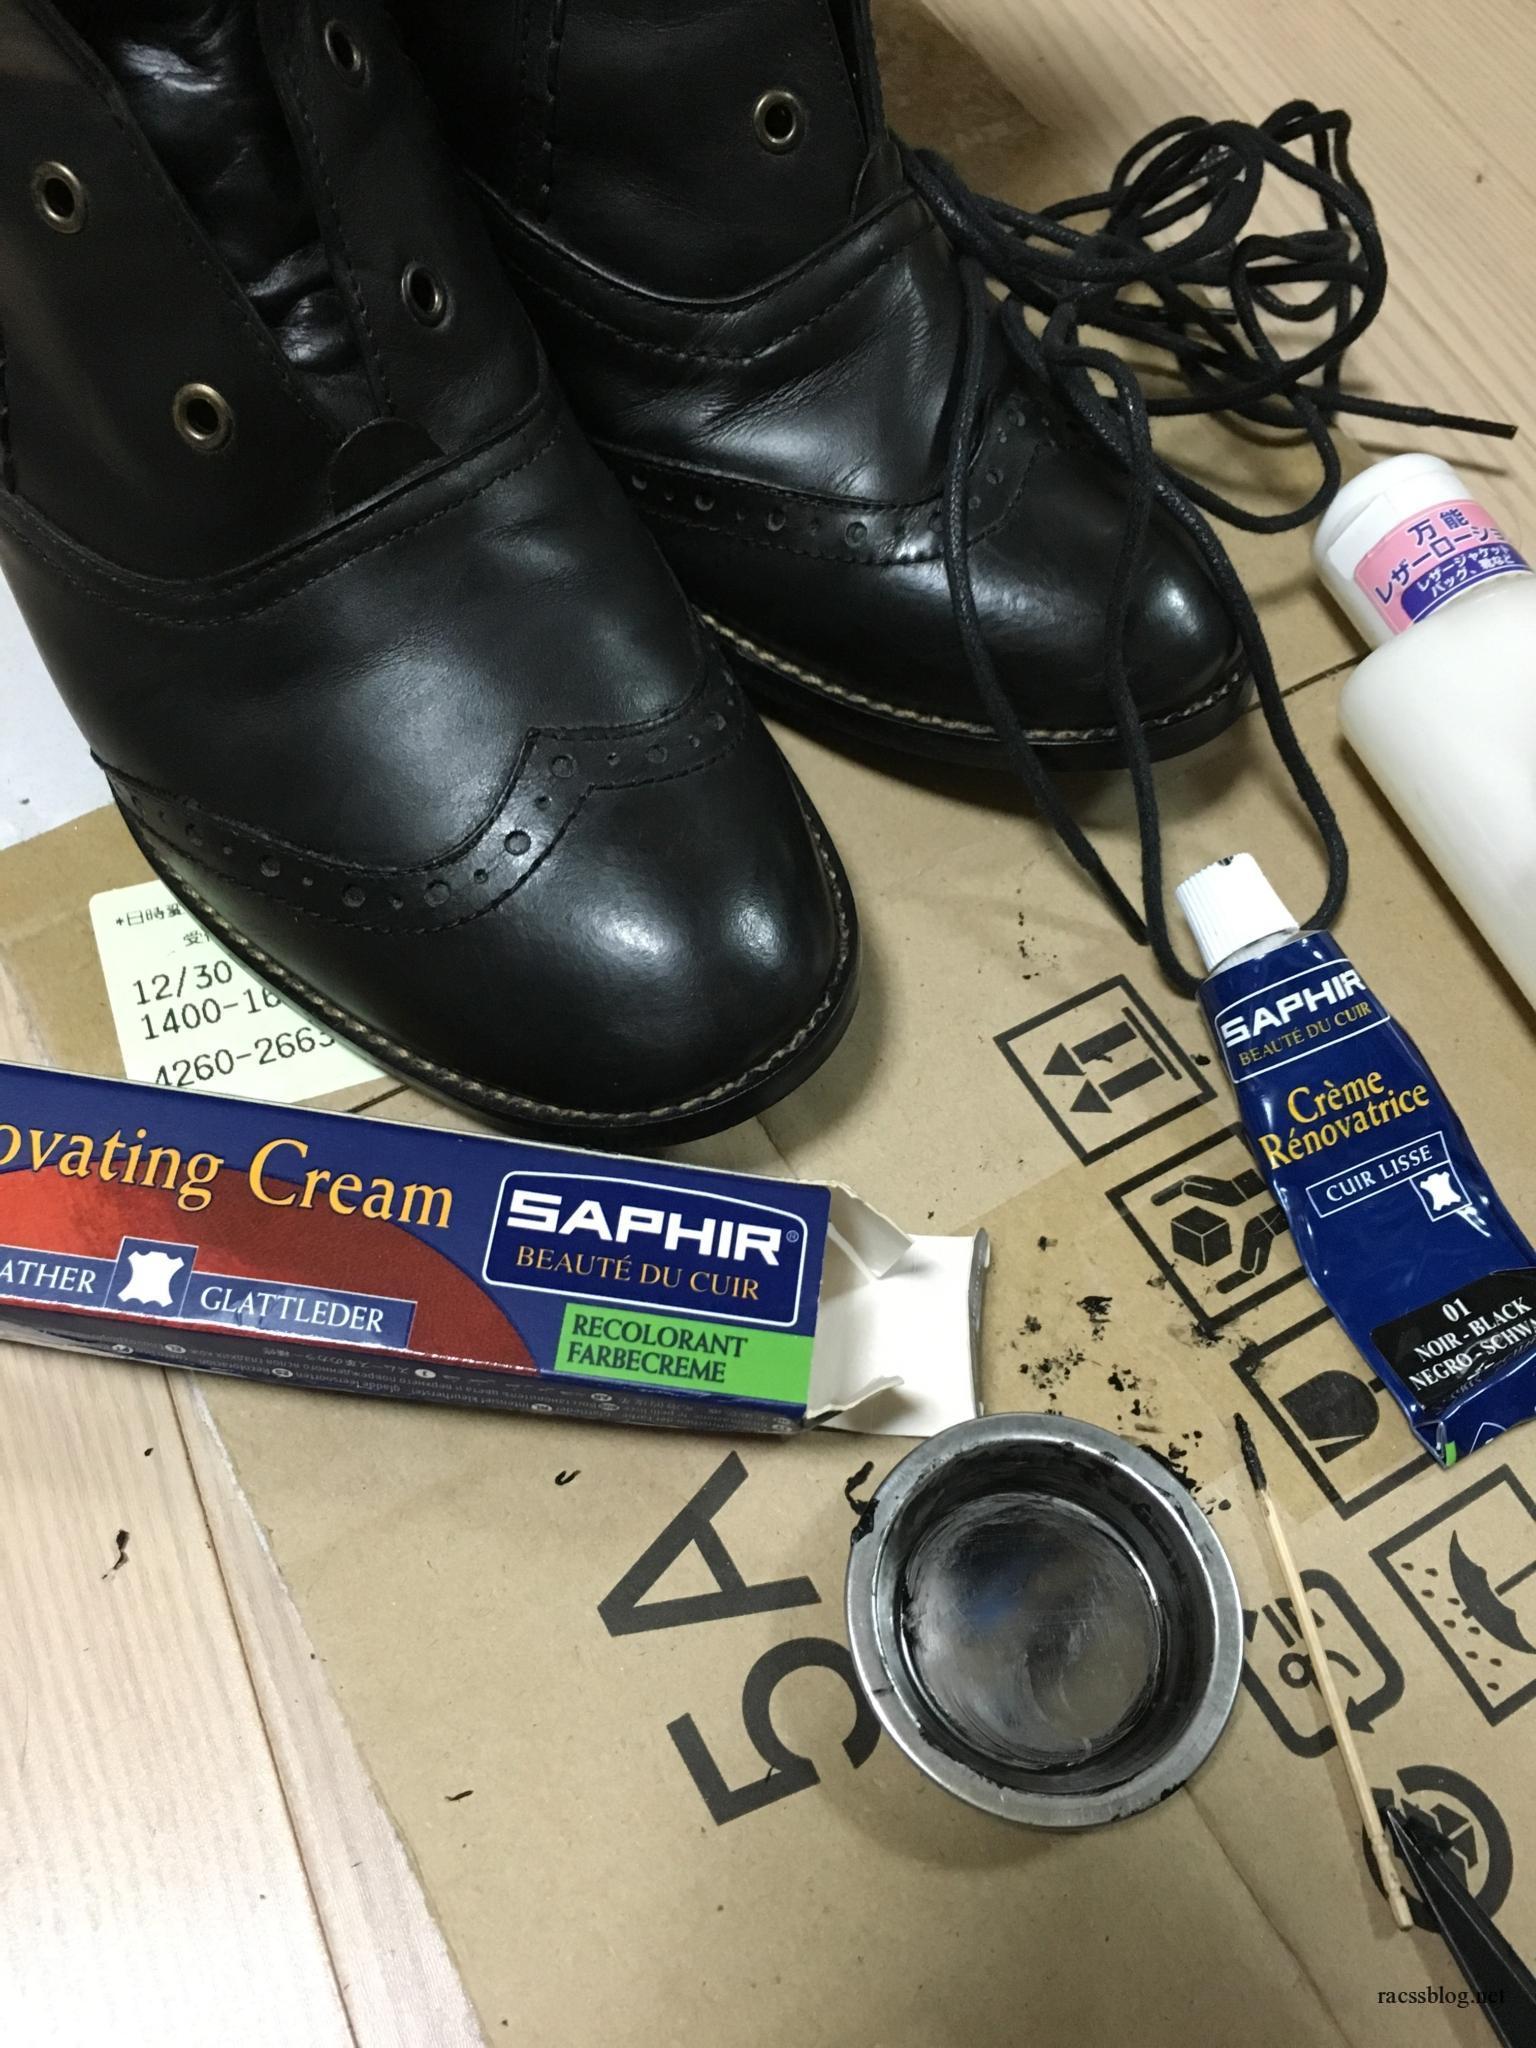 革製品の色あせをメンテナンスするにはサフィールの補修クリームがあれば怖いものなし